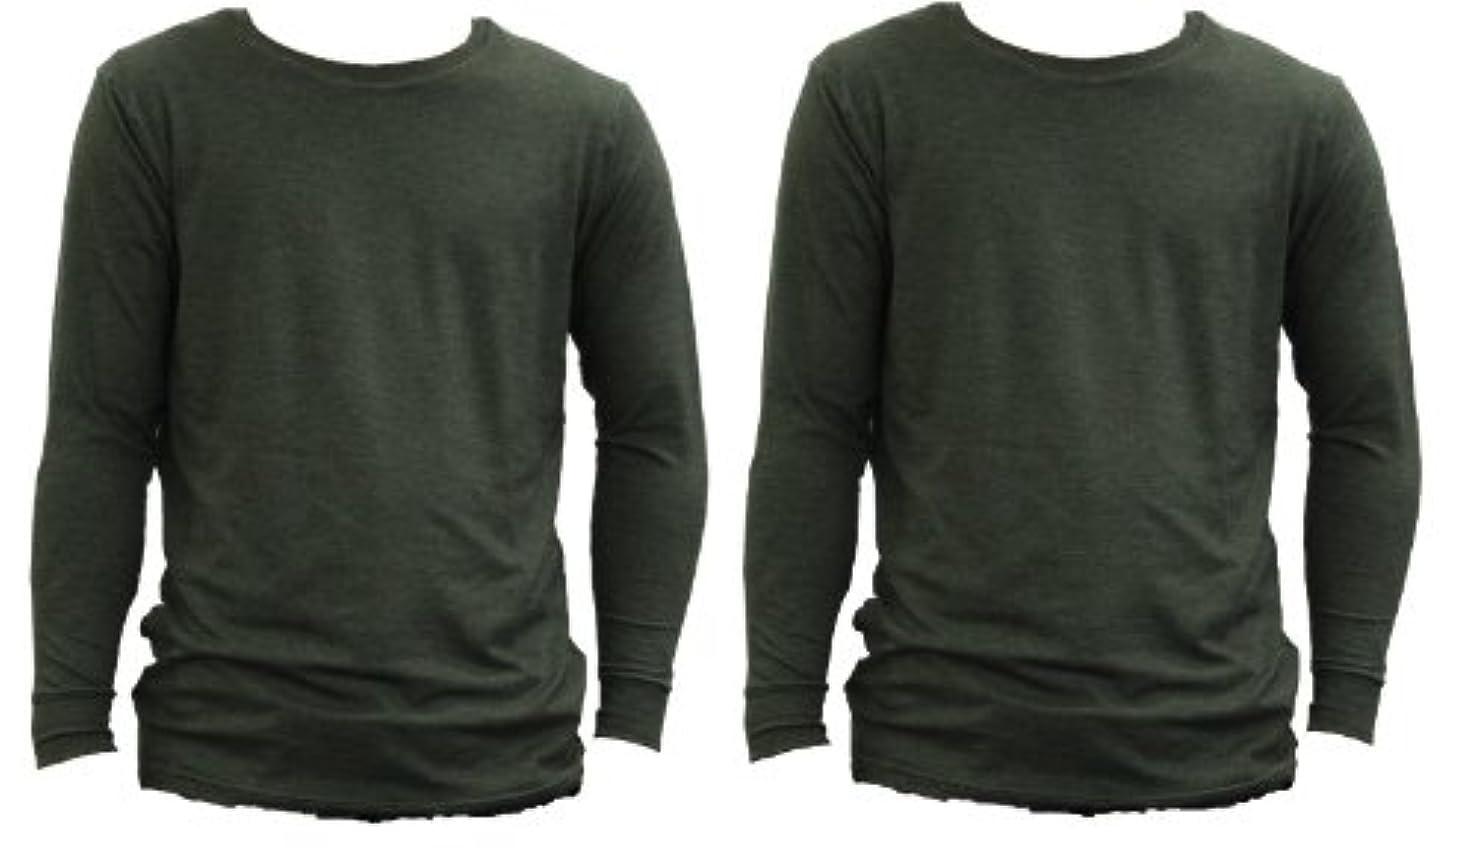 聖人書き出すヨーグルトナノミックス レディスシンプル半袖シャツ 黒 L